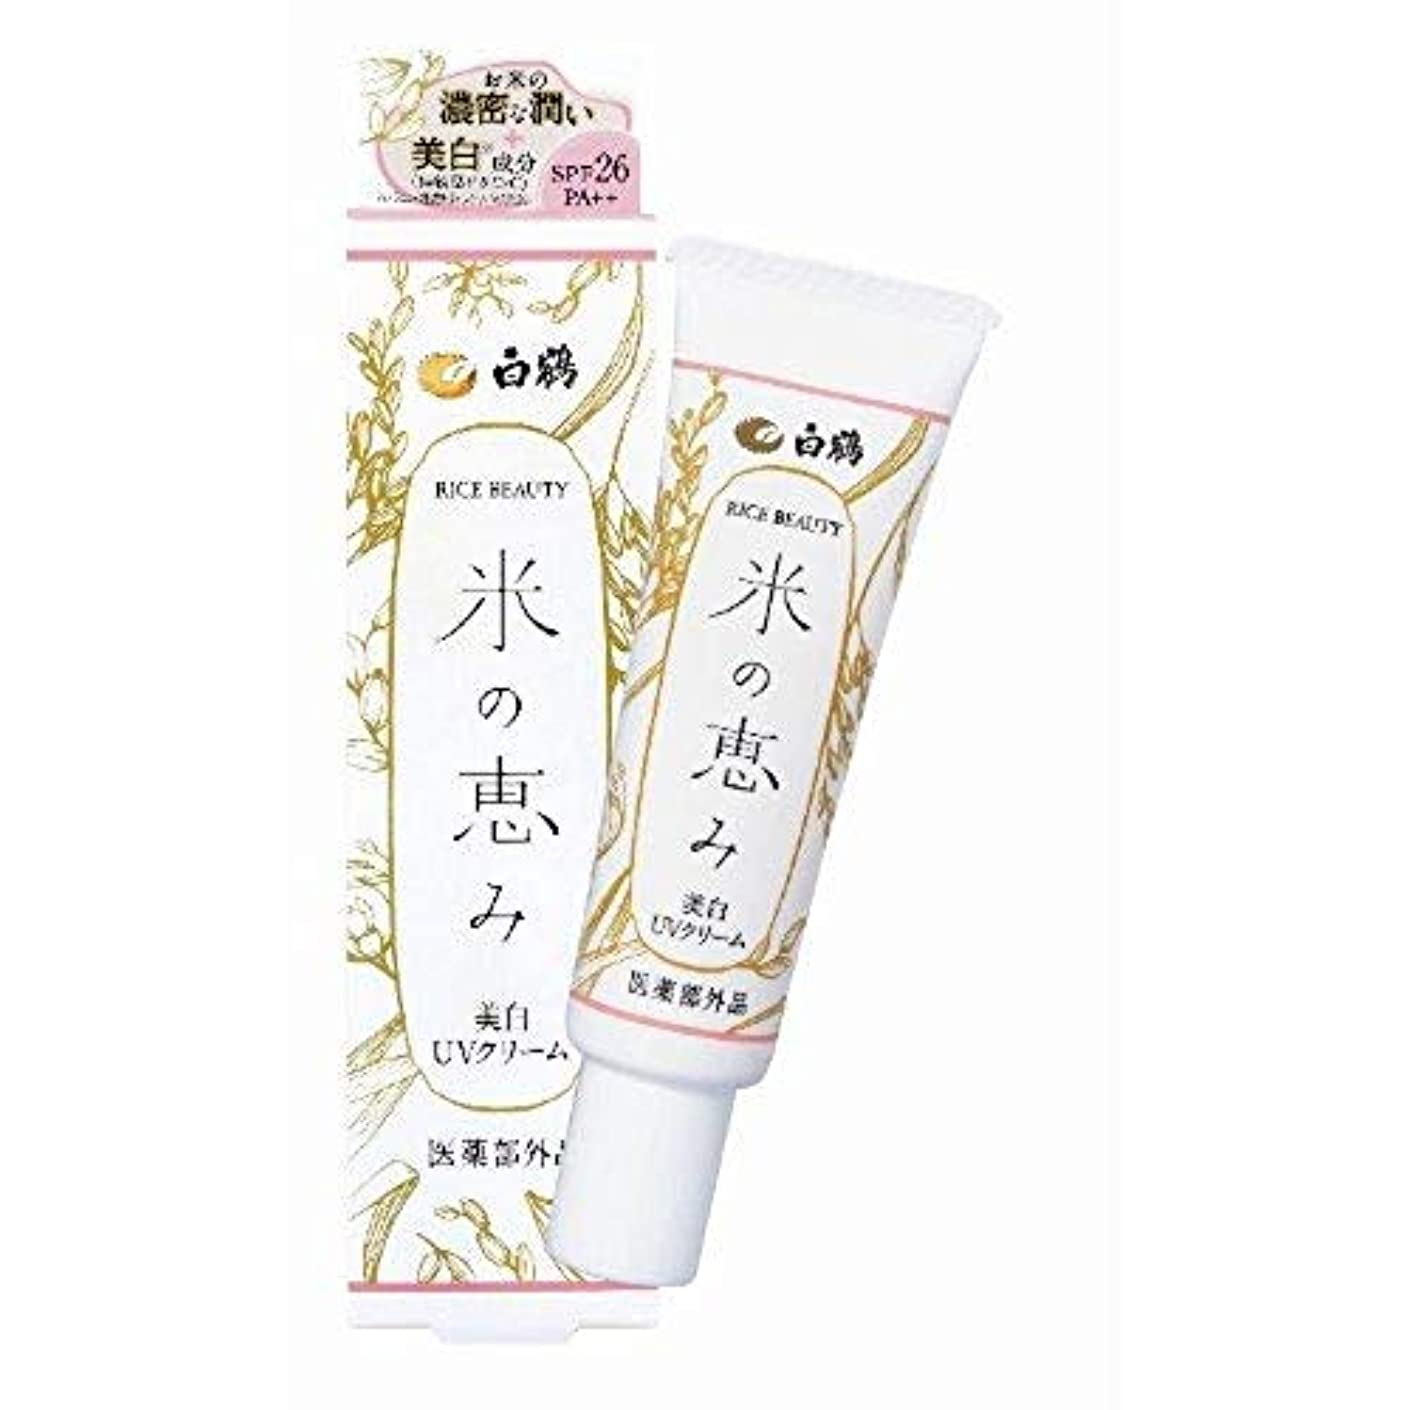 和らげる合併症ビル白鶴 ライスビューティー 米の恵み 美白UVクリーム 30g SPF26/PA++ (日焼け止め/医薬部外品)